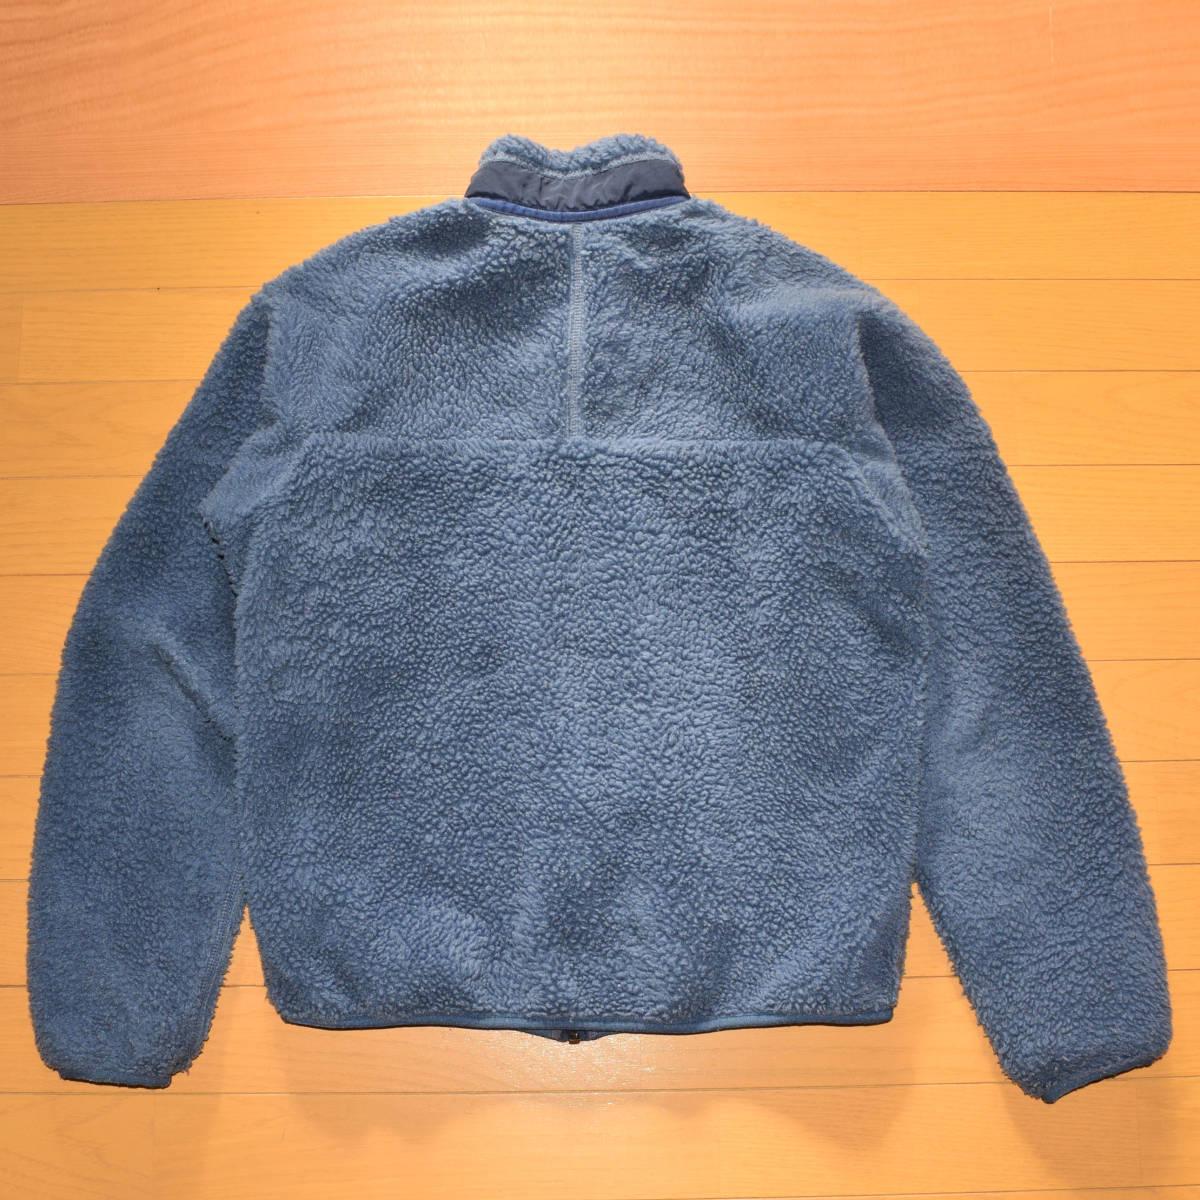 レア!送料無料!99年 USA製 パタゴニア メンズS 日本M フリース ボアパイル レトロX ジャケット レトロカーディガン 古着 ビンテージ_画像5